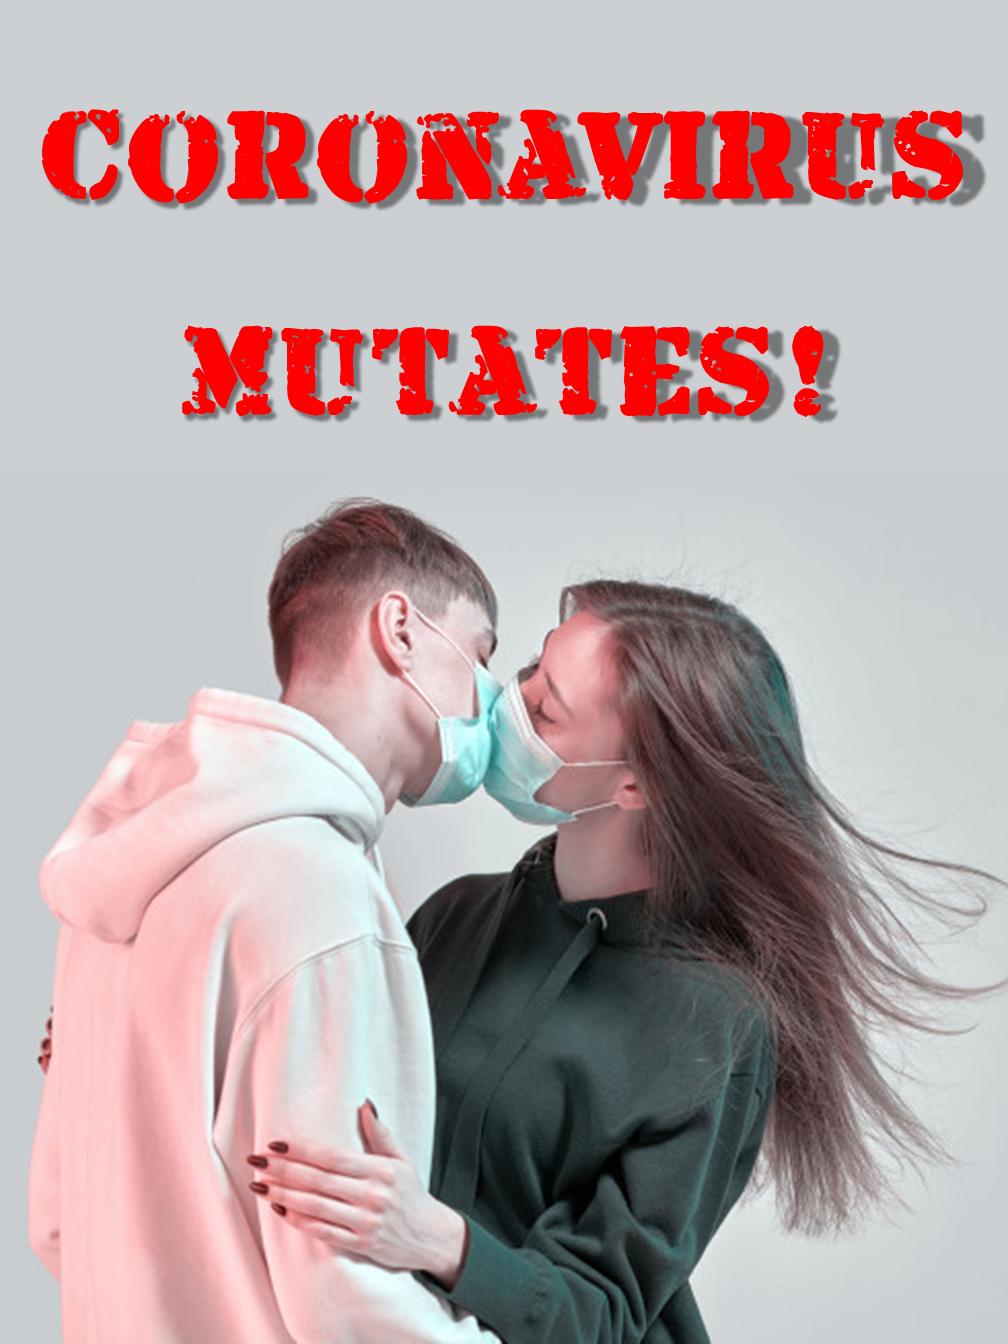 Coronavirus Mutates!